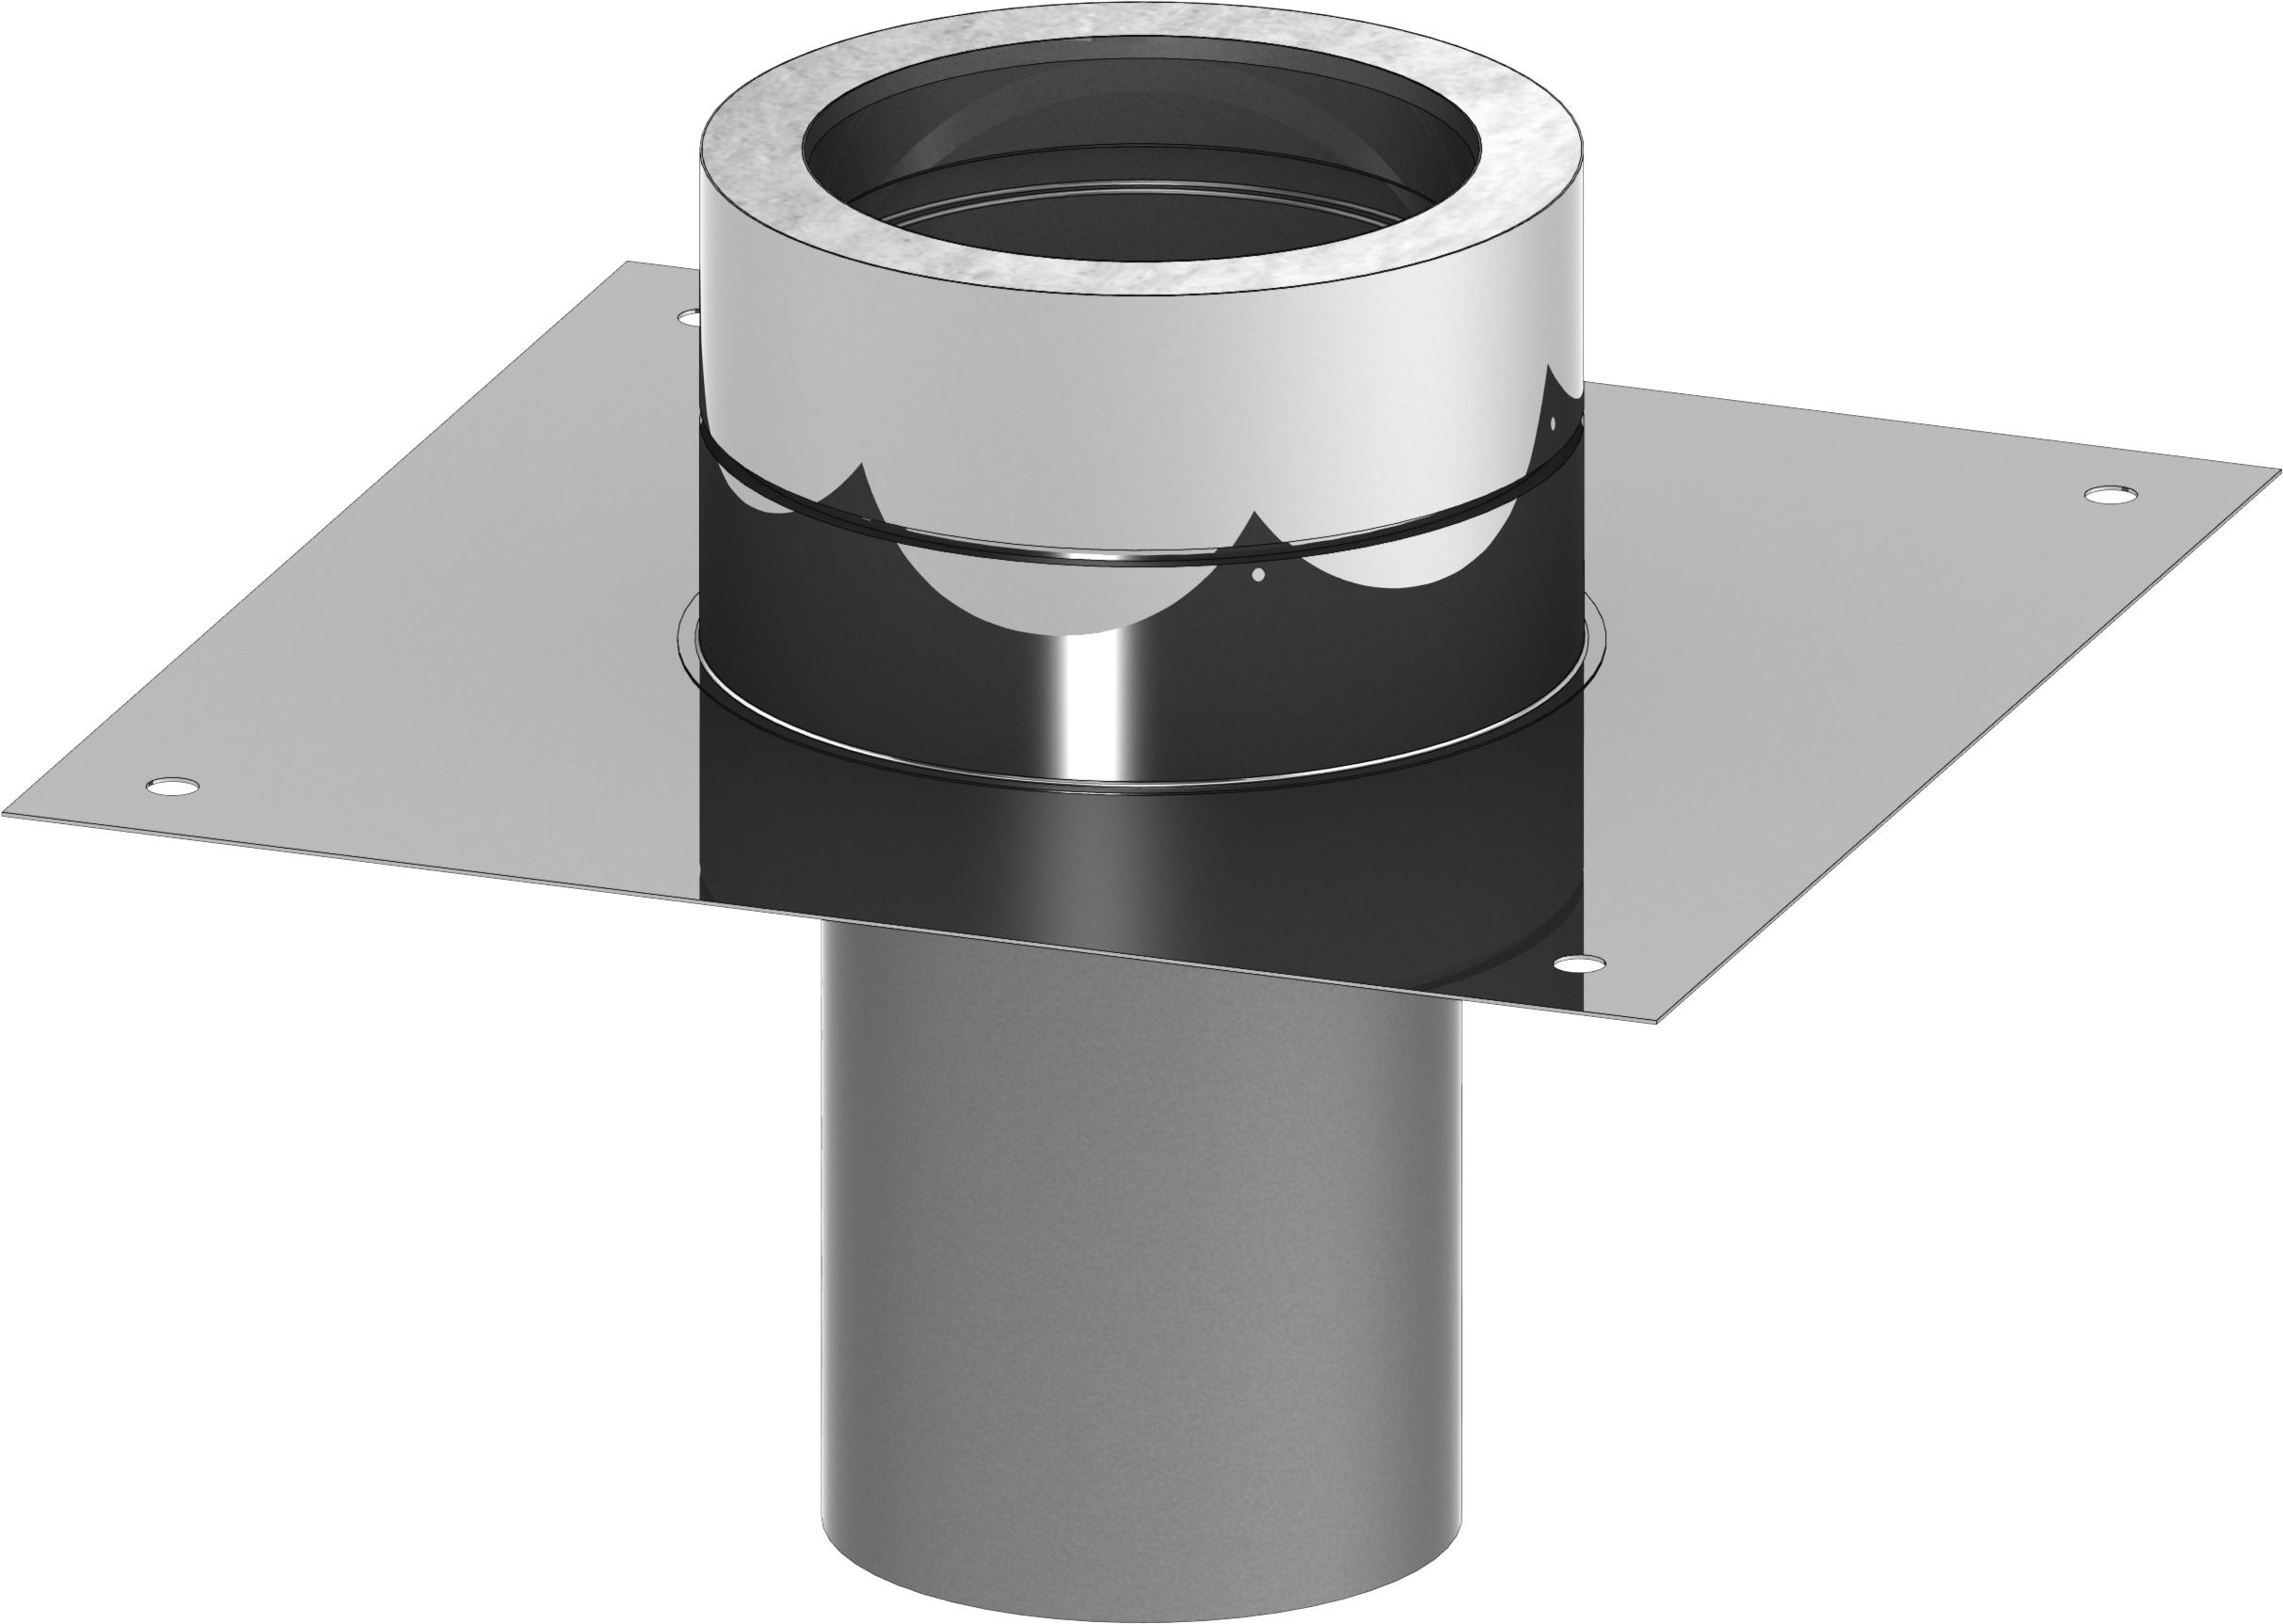 Grundplatte für Kaminerhöhung mit rundem Einschub - doppelwandig - Jeremias DW-ECO